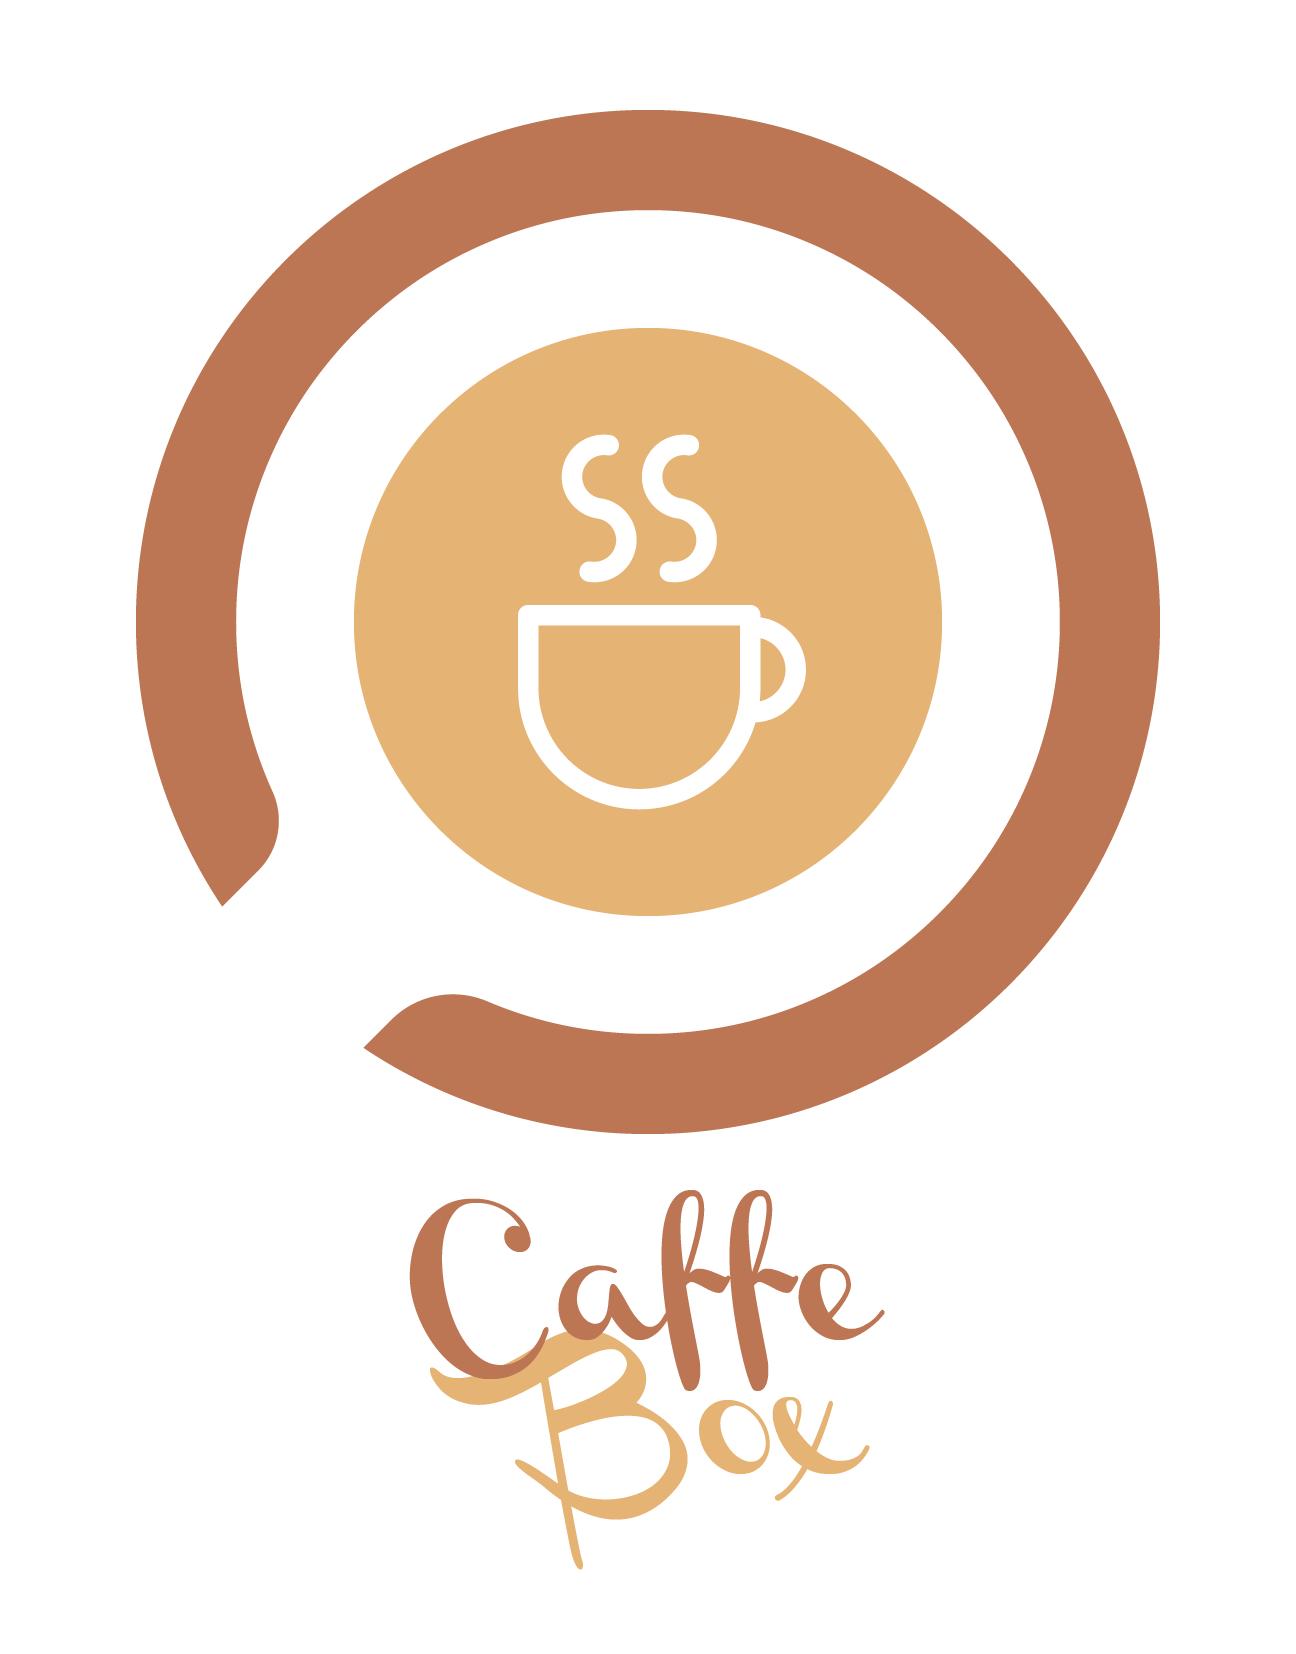 Требуется очень срочно разработать логотип кофейни! фото f_0285a0b2c6866afa.png